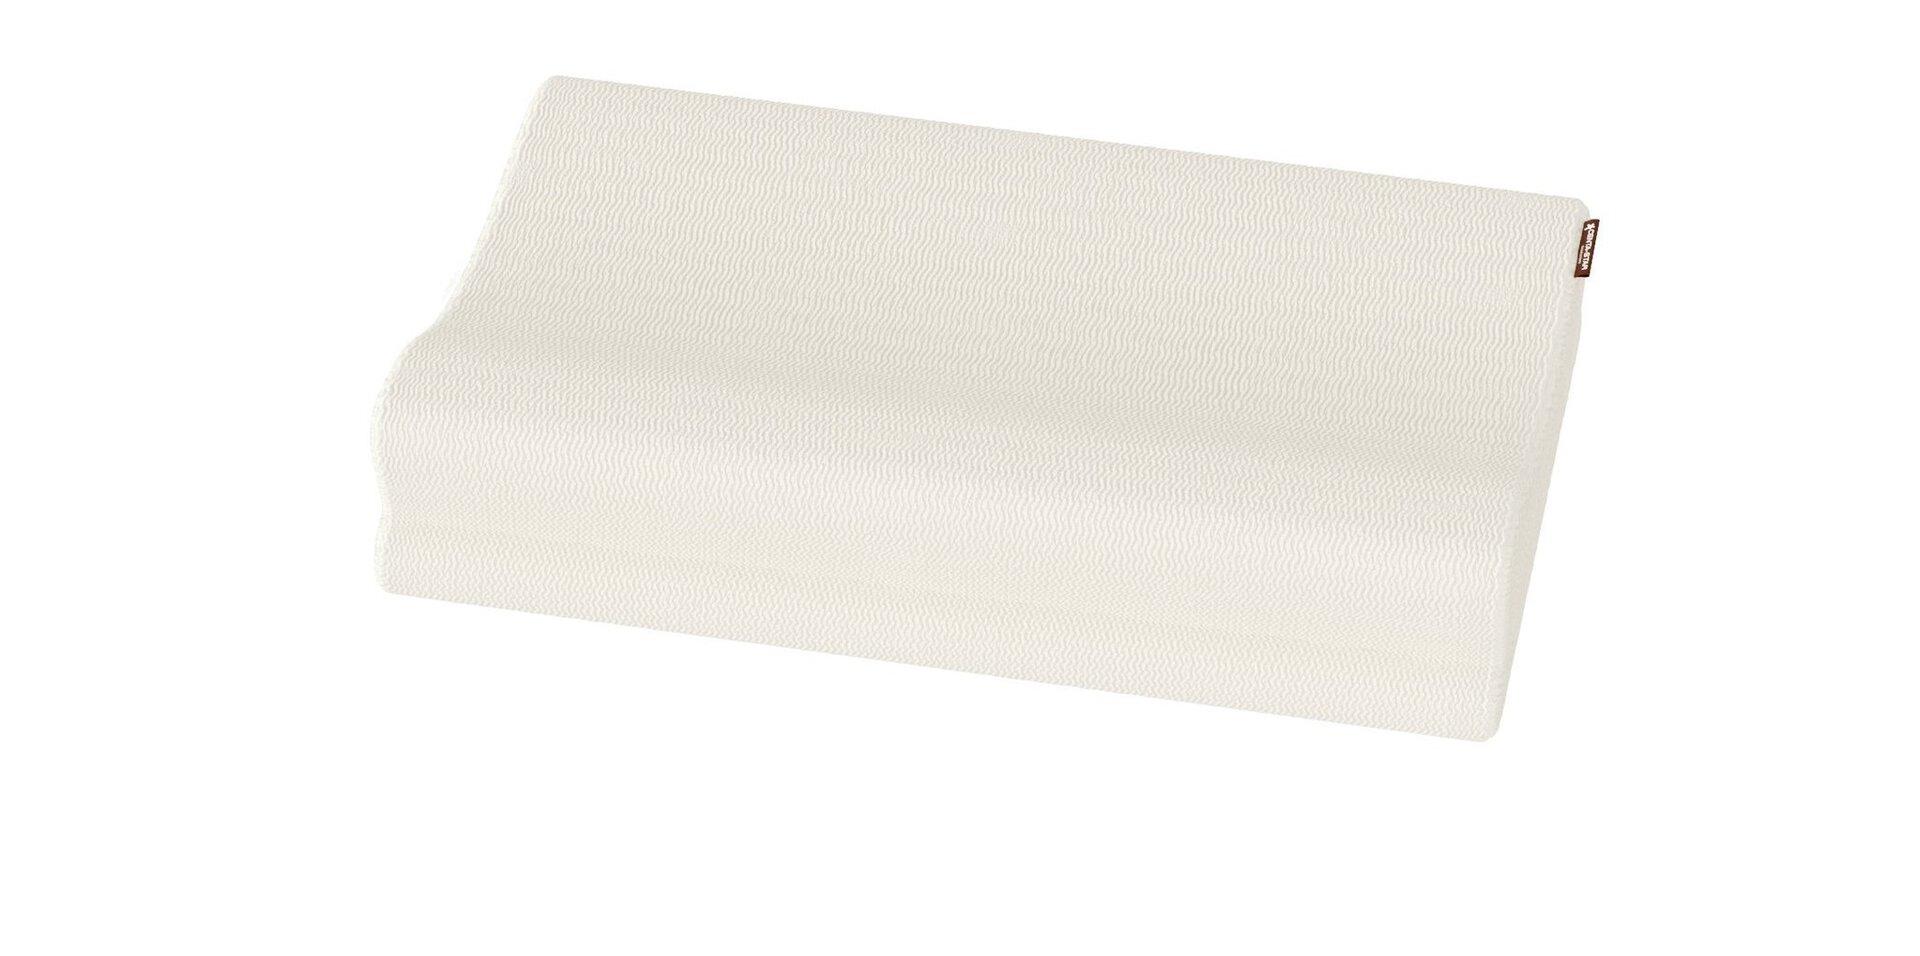 Nackenstützkissen NECKPROTECT Ultra Centa-Star Textil weiß 40 x 60 cm